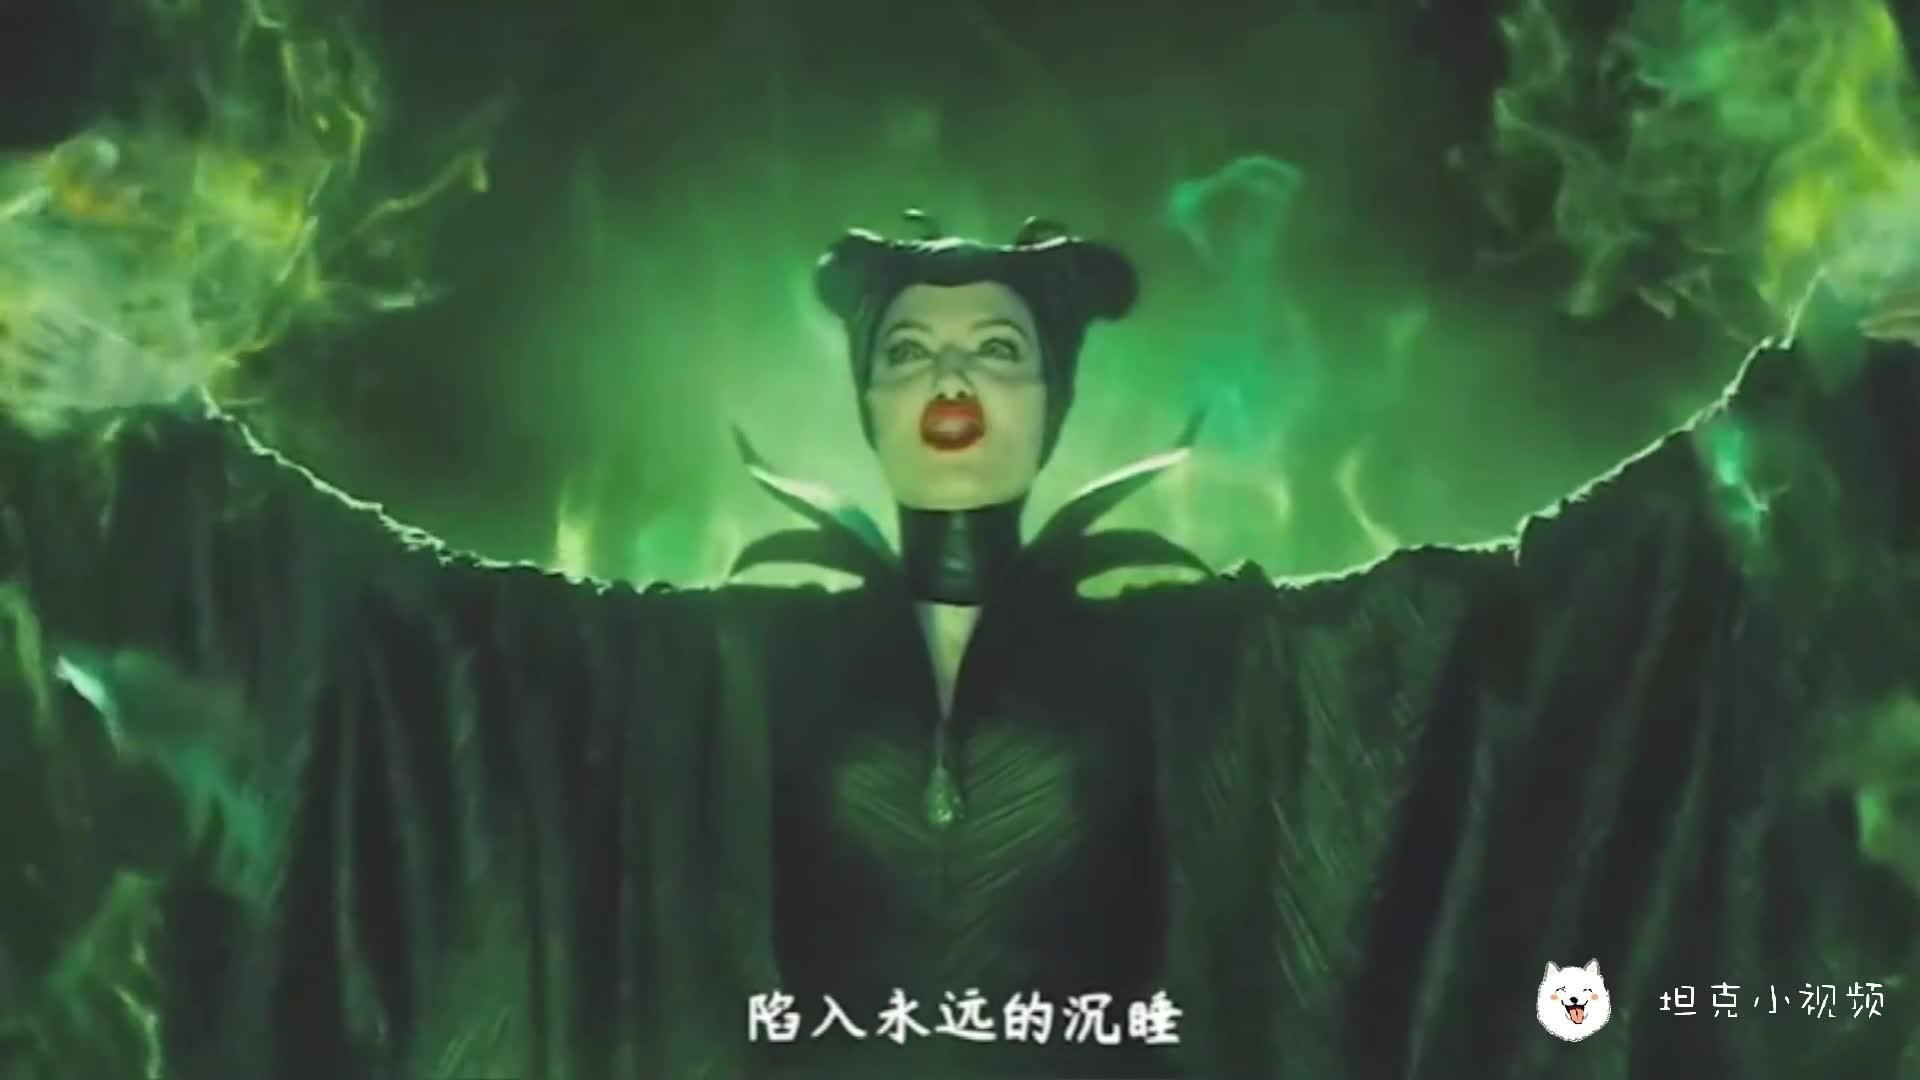 #经典看电影#从讨厌到无法忘记他的笑容!只是穿黑色衣服的天使!